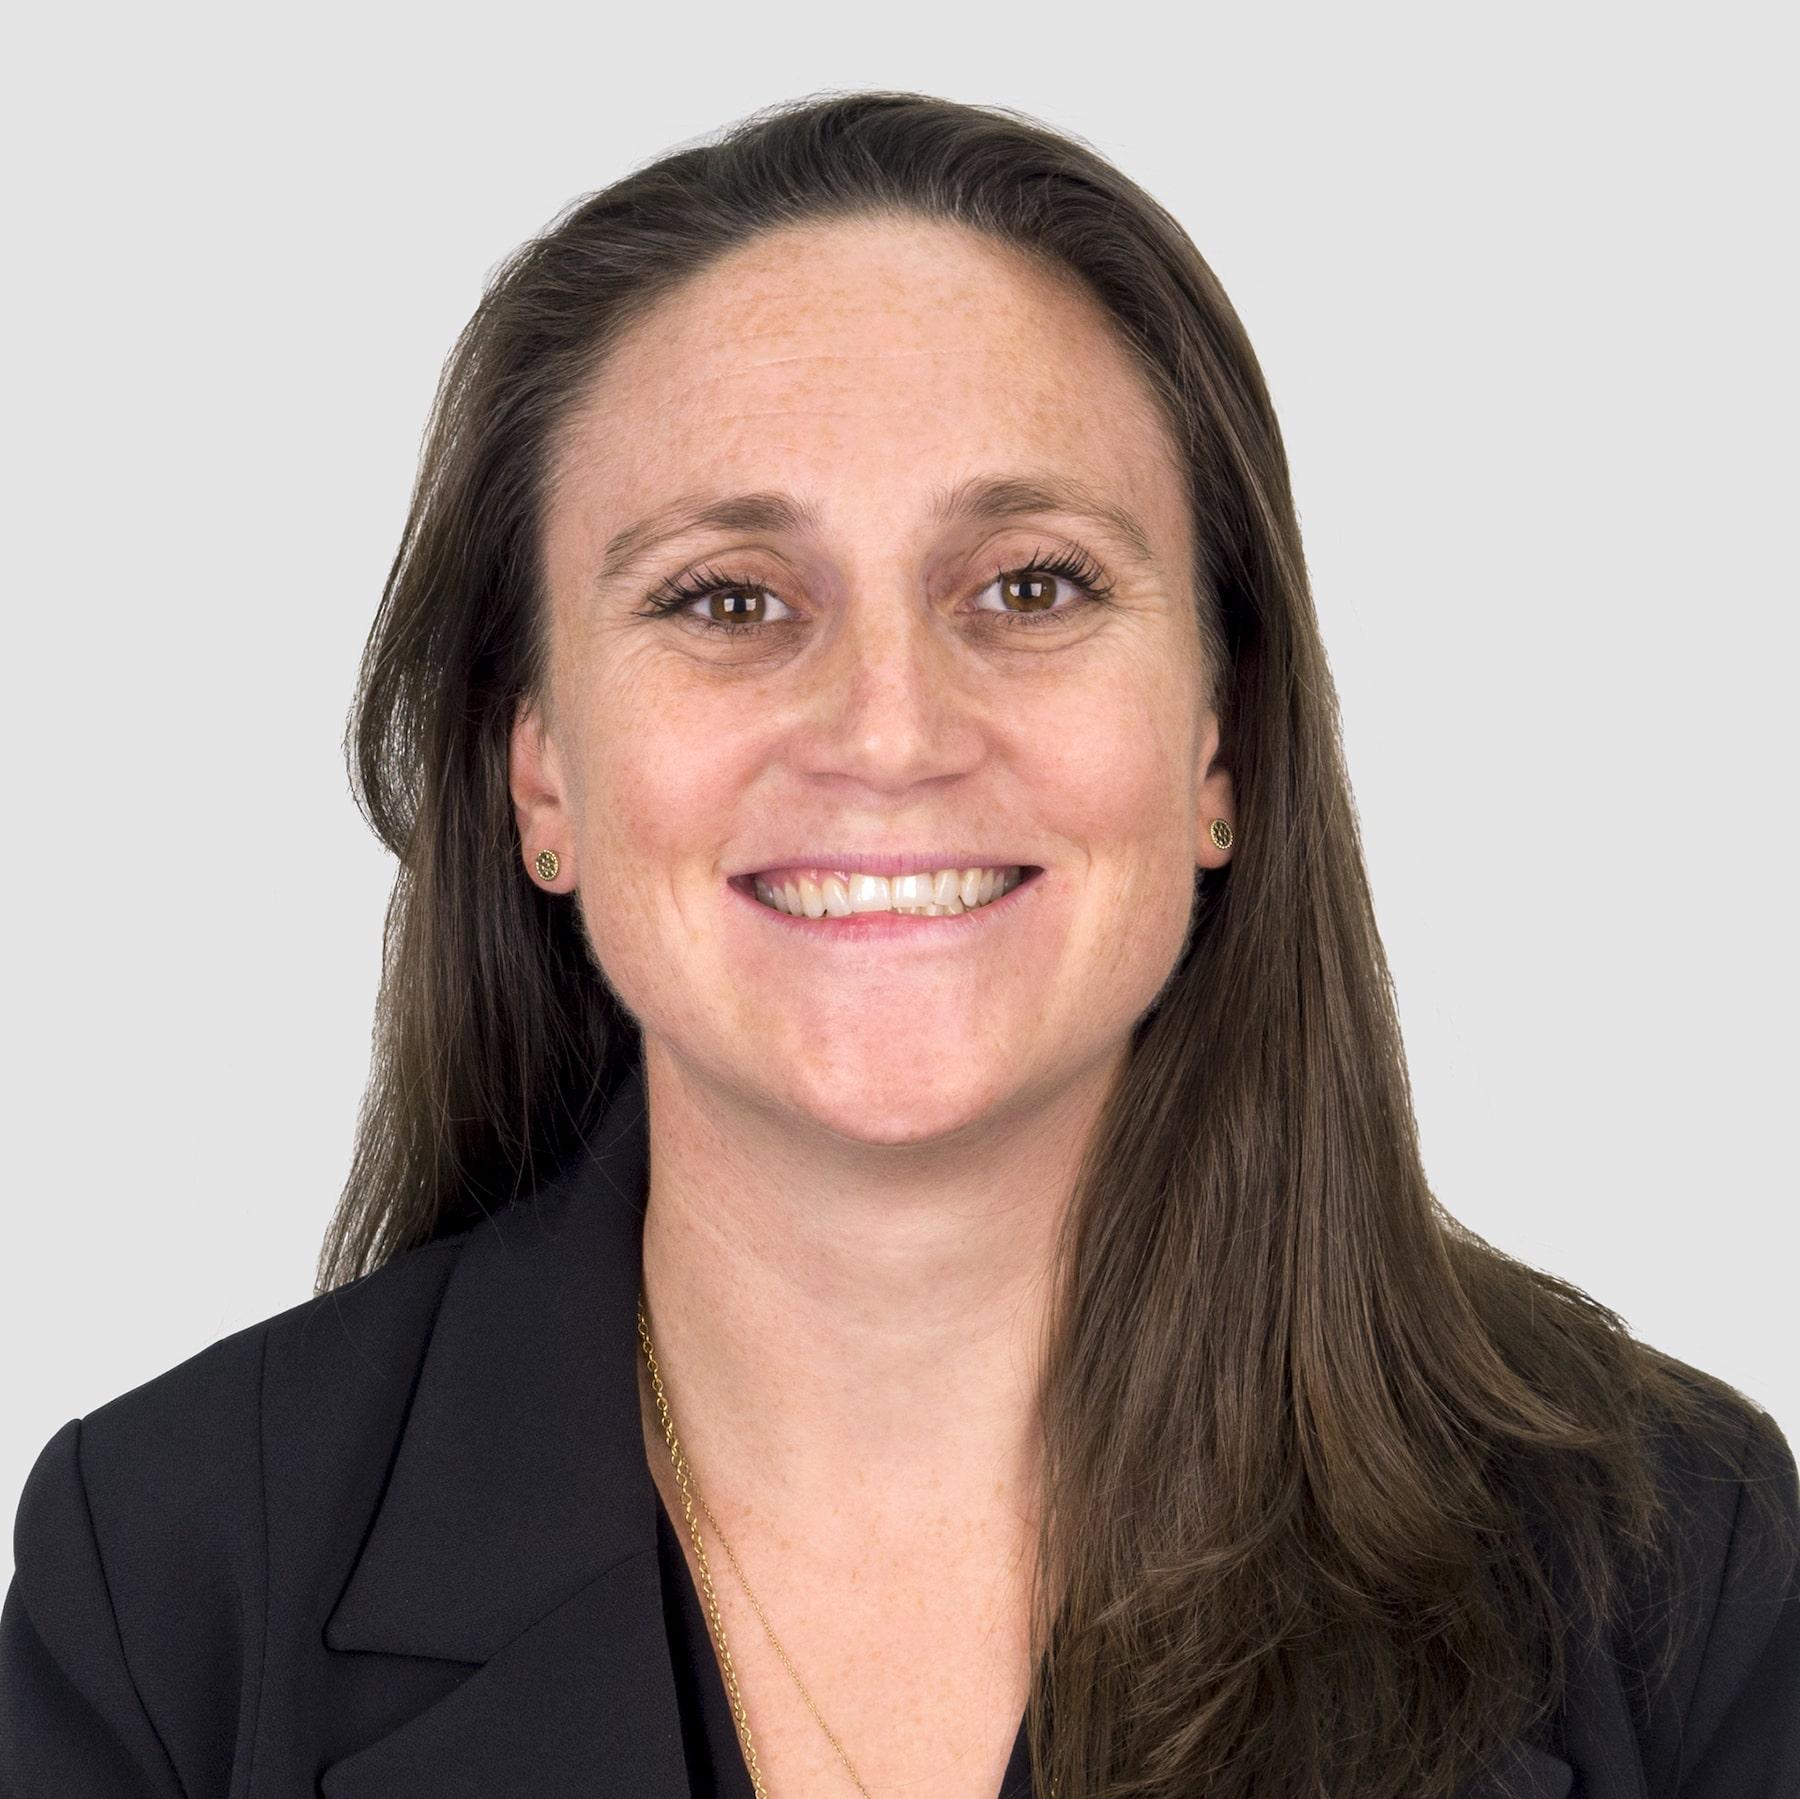 Annie Bevan